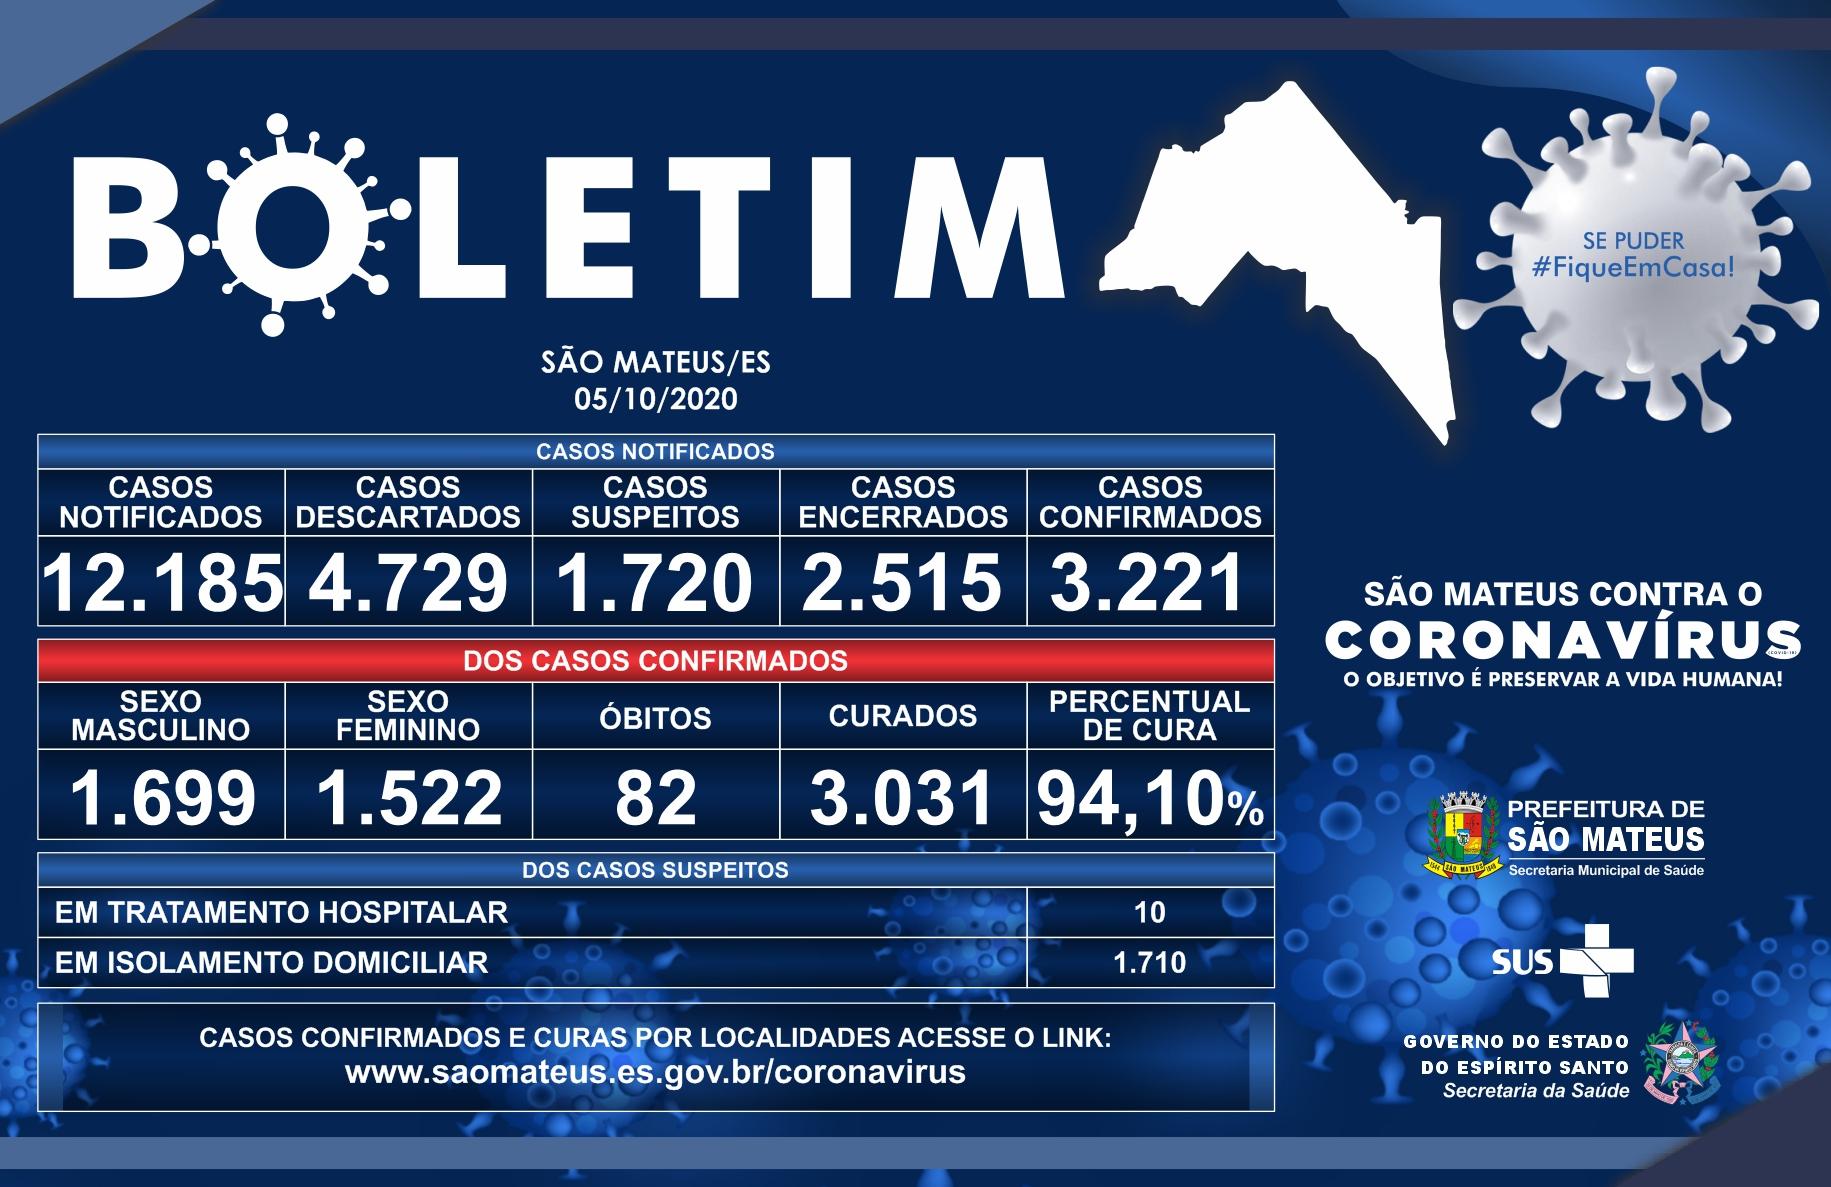 CORONAVÍRUS: SÃO MATEUS REGISTRA UM ÓBITO, 32 CASOS CONFIRMADOS E 24 CURAS NESSA SEGUNDA-FEIRA (05)